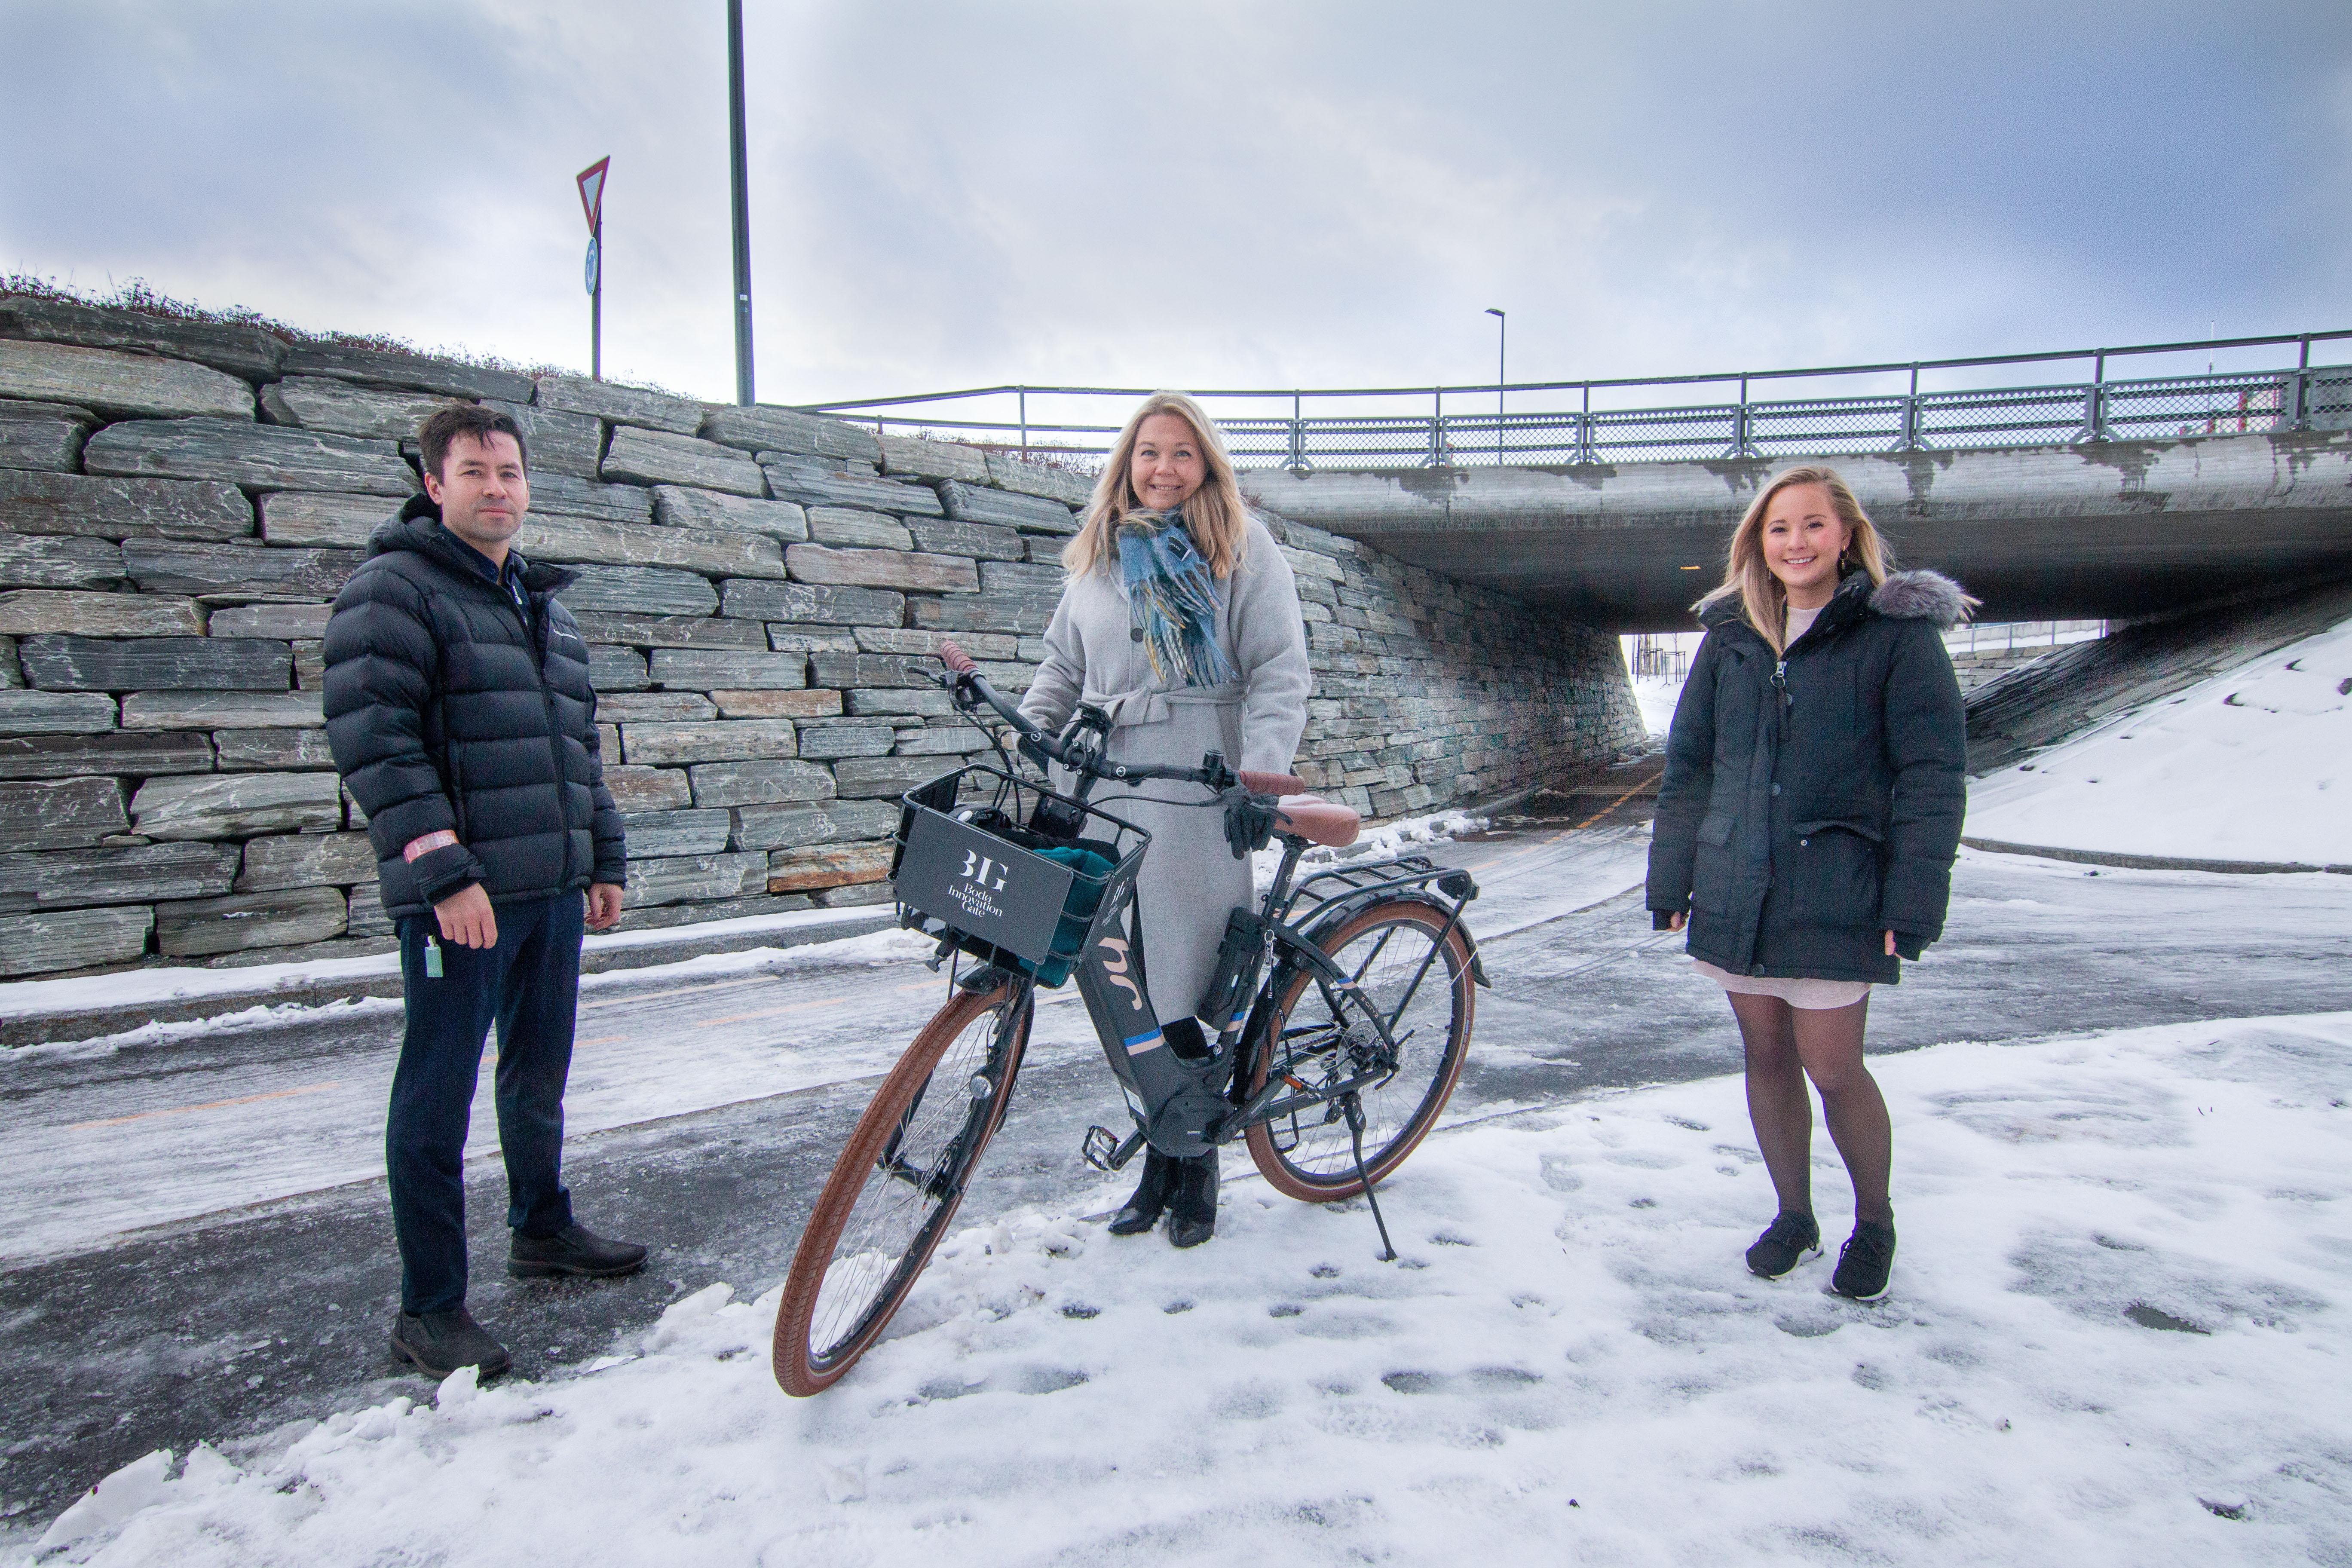 Marianne Bahr Simonsen (leder for Smart Bodø i Bodø kommune) her sammen med Robin Krogh (leder for forretningsutvikling) og Stine Værang (leder marked) i Signal.